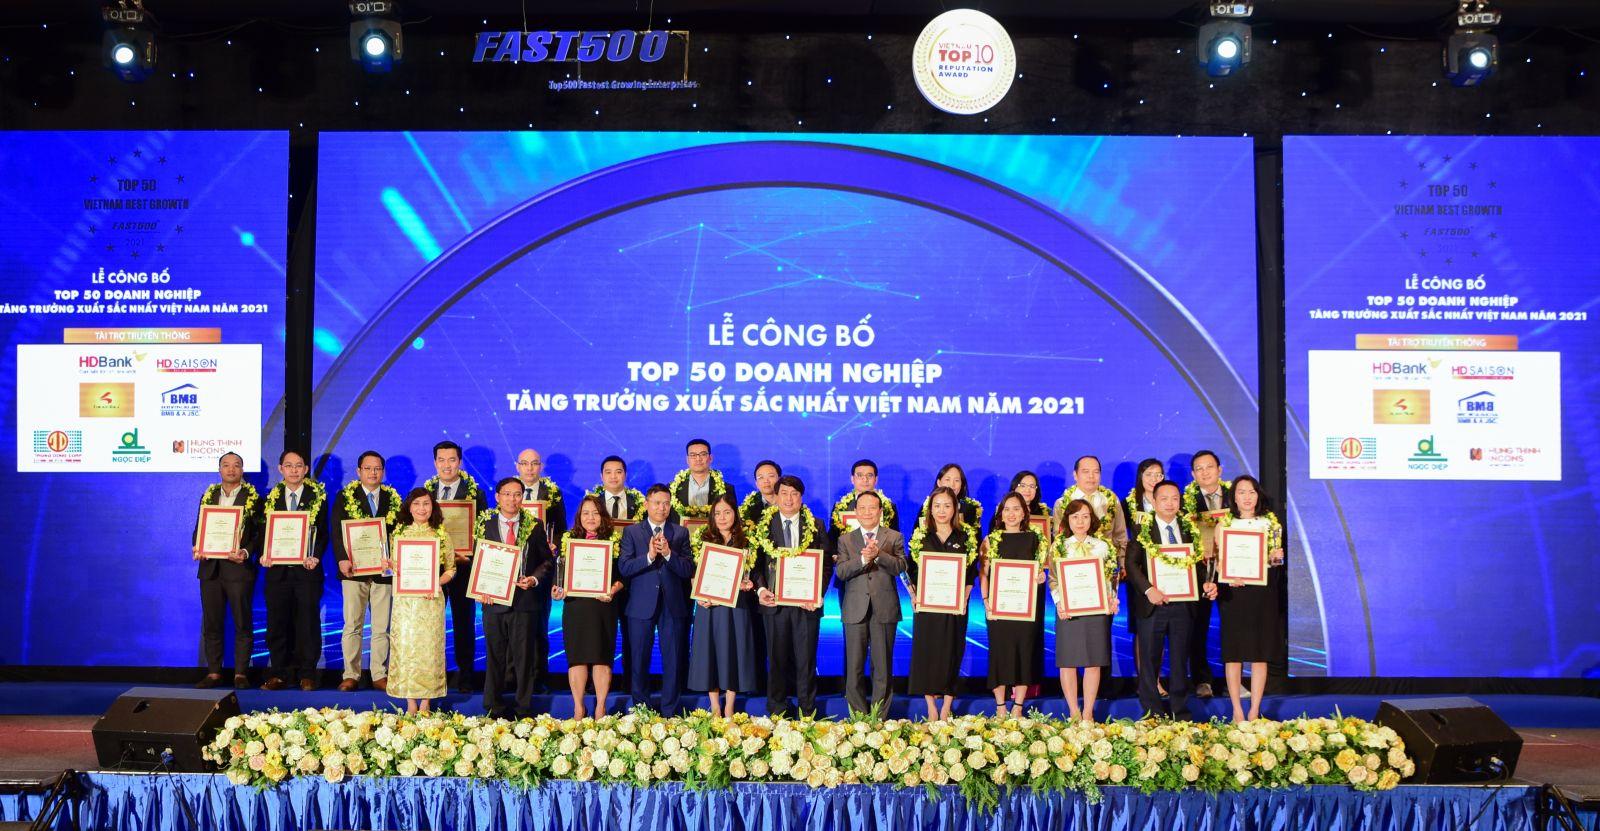 Lễ công bố Top 50 Doanh nghiệp tăng trưởng xuất sắc nhất Việt Nam 2021